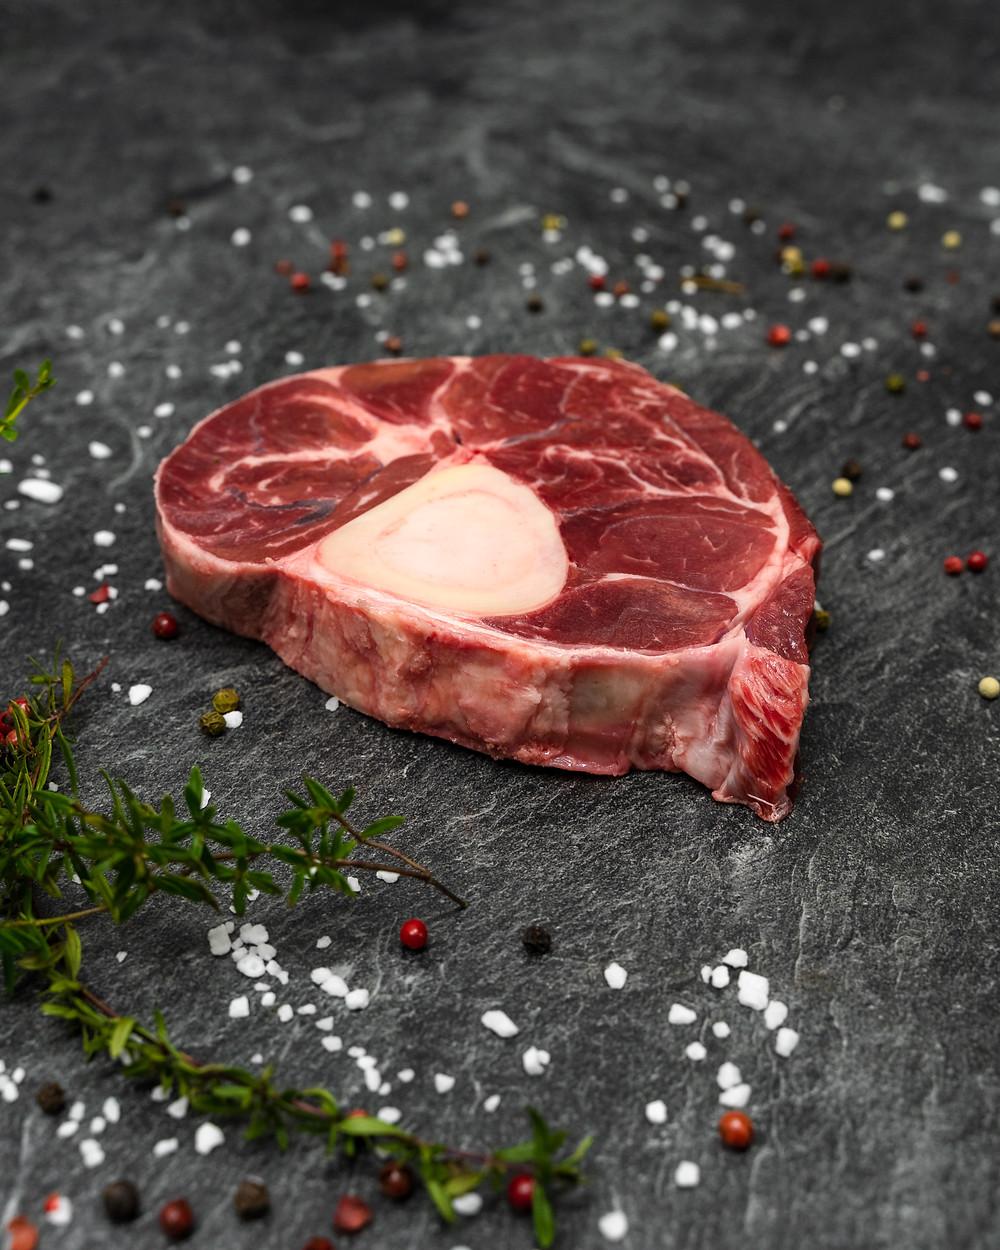 Wagyu Fleisch, Wagyu, Kärnten, Bauernhof, hochwertiges Fleisch Kärnten